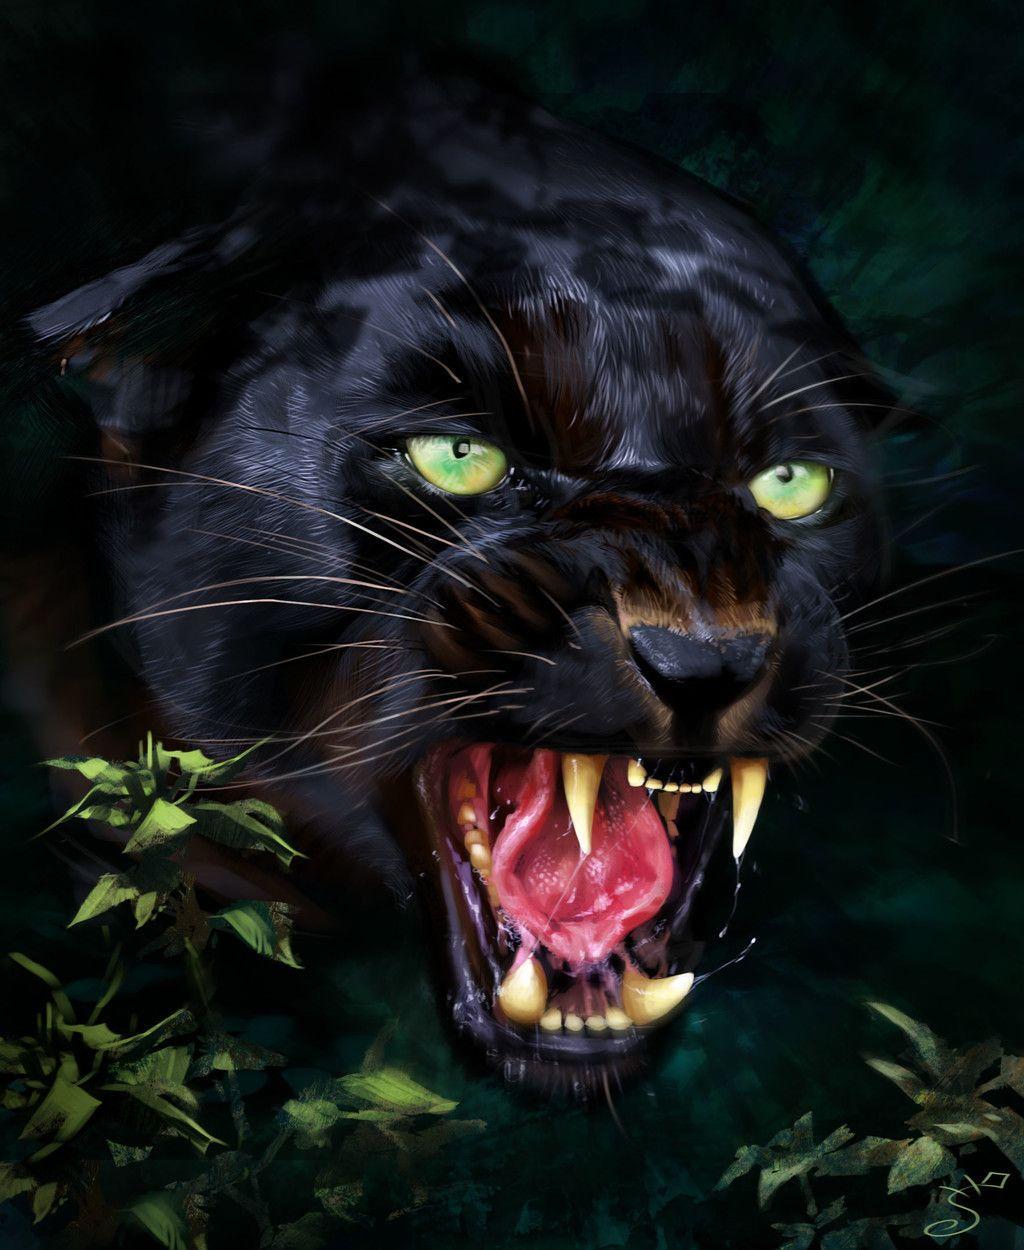 Jaguar, predator, black animal, muzzle, art wallpaper